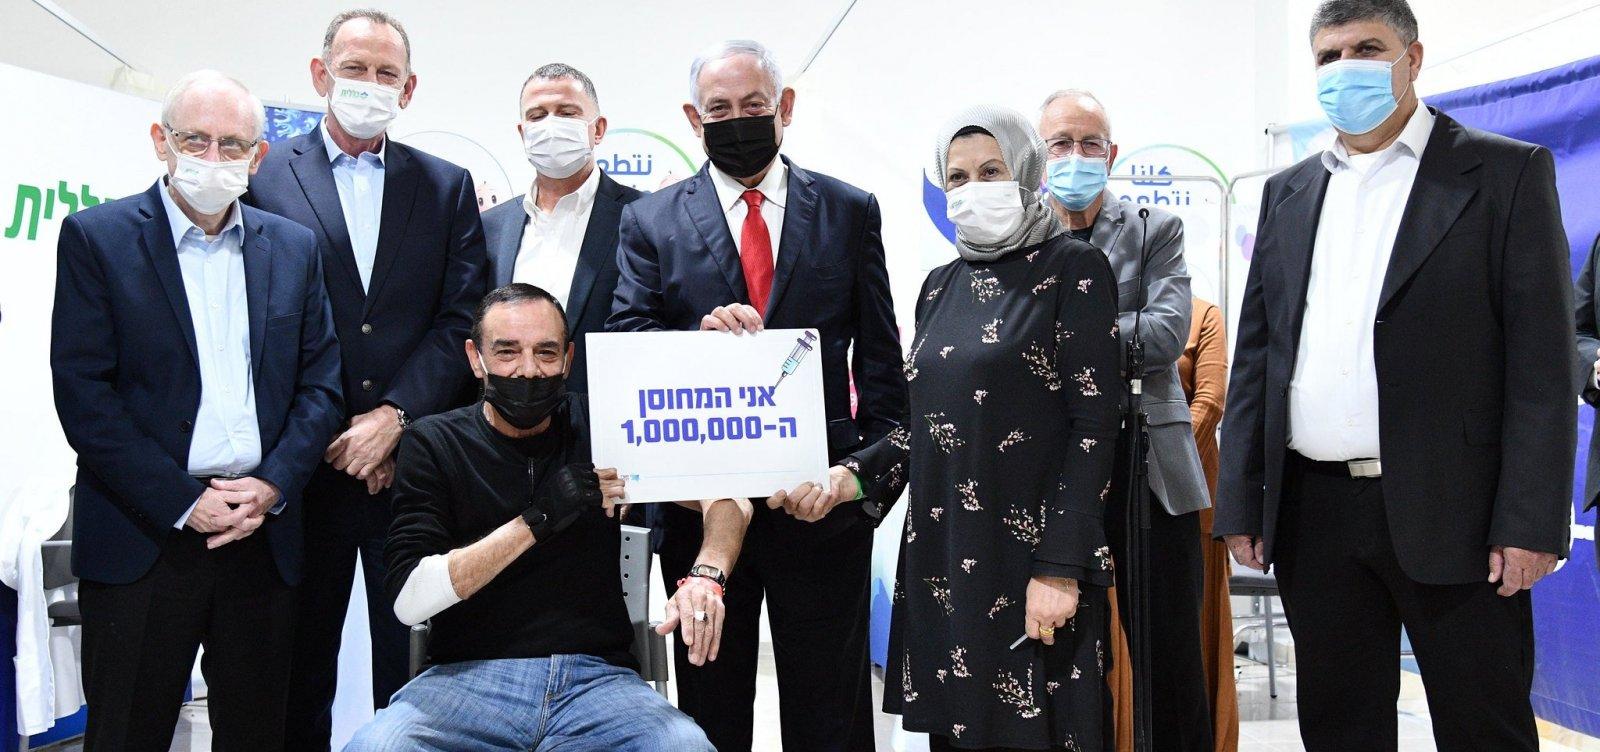 [Israel atinge a marca de 1 milhão de cidadãos vacinados contra a Covid-19]